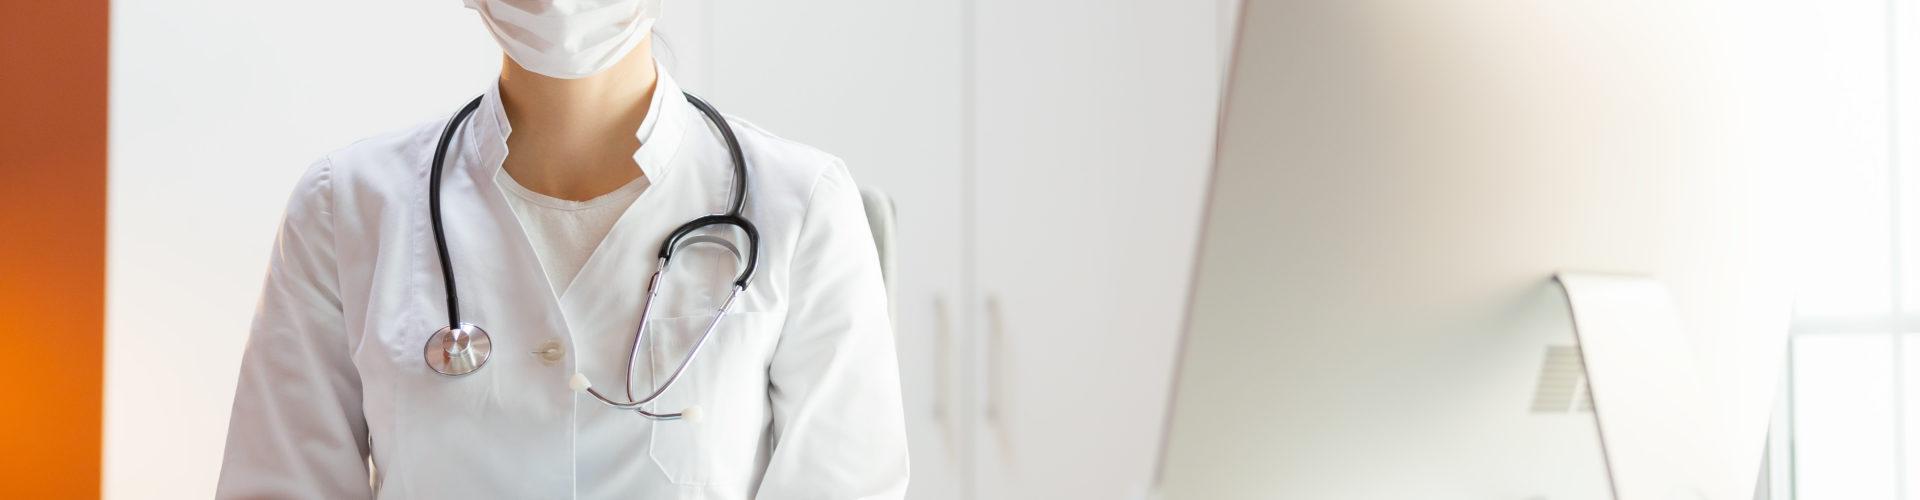 IVI Panamá y el reinicio de los tratamientos de reproducción asistida